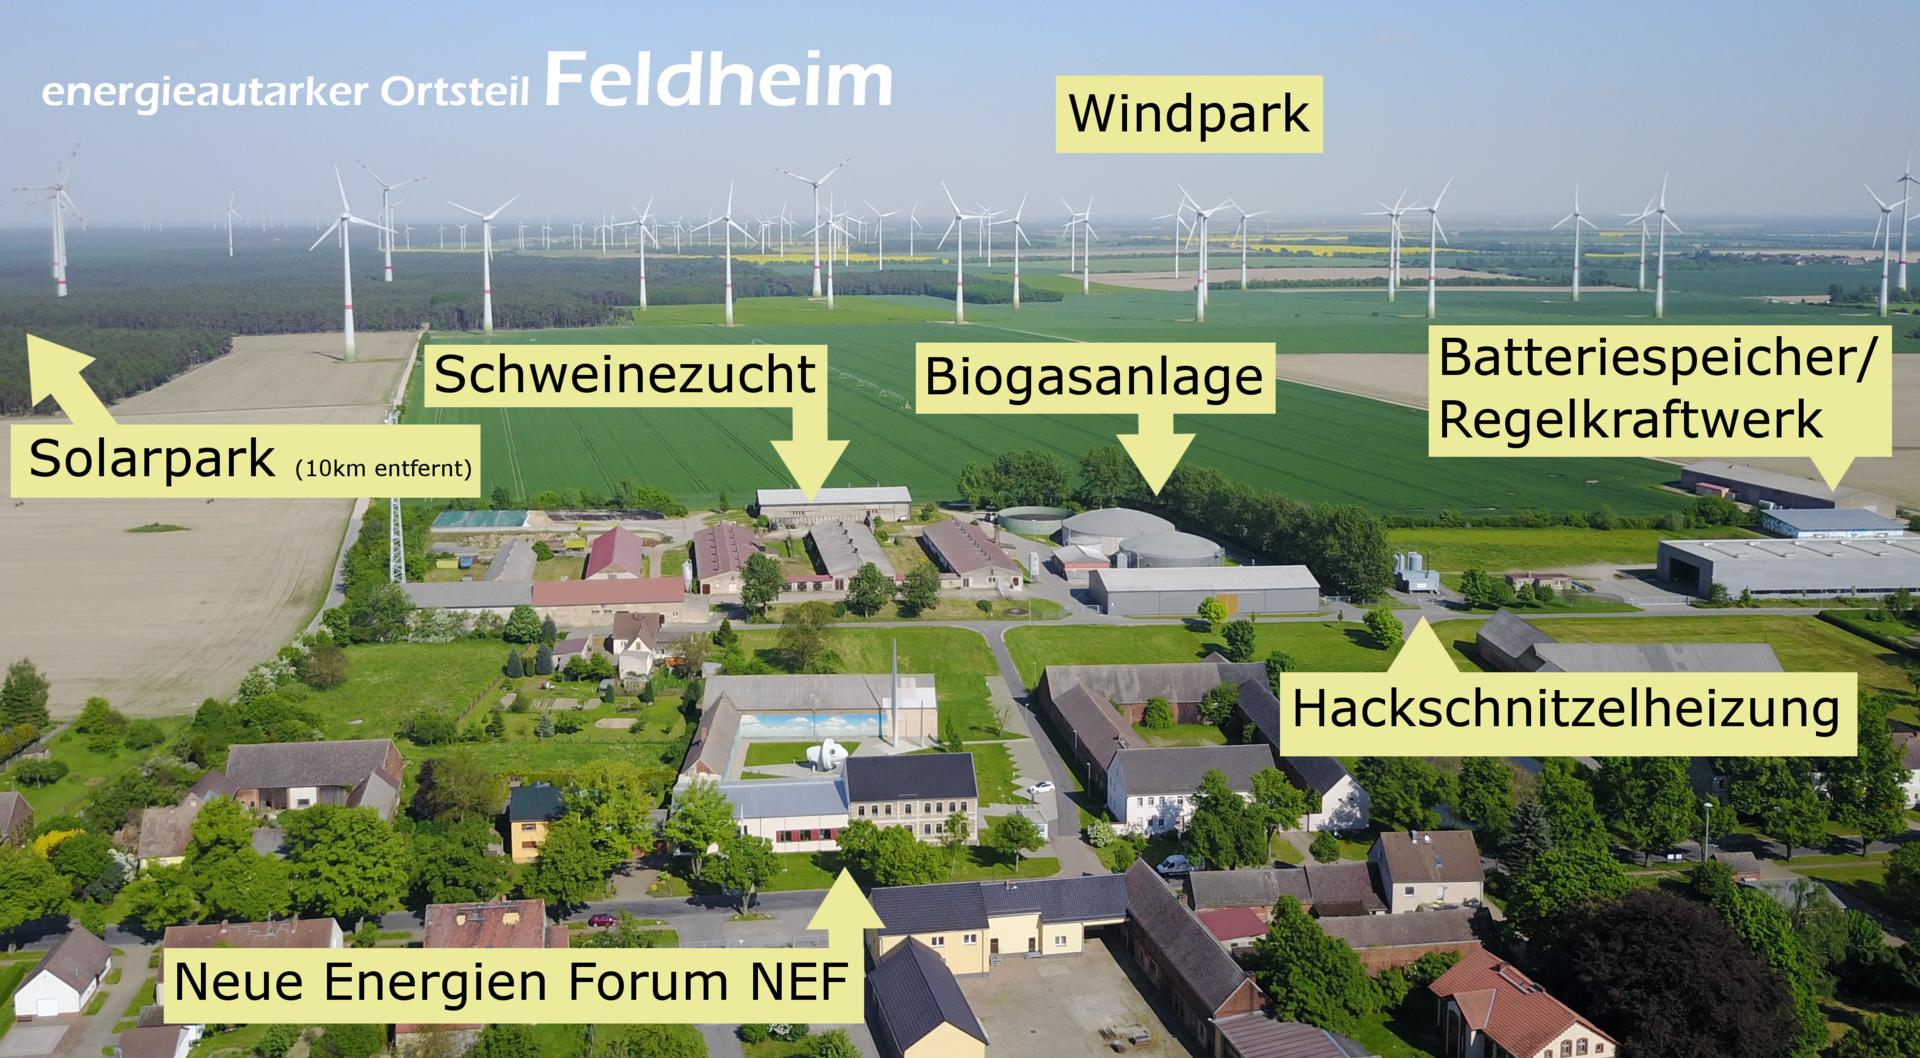 energieautarker Ortsteil Feldheim ((c) Steven Hille /Funkloch.me)